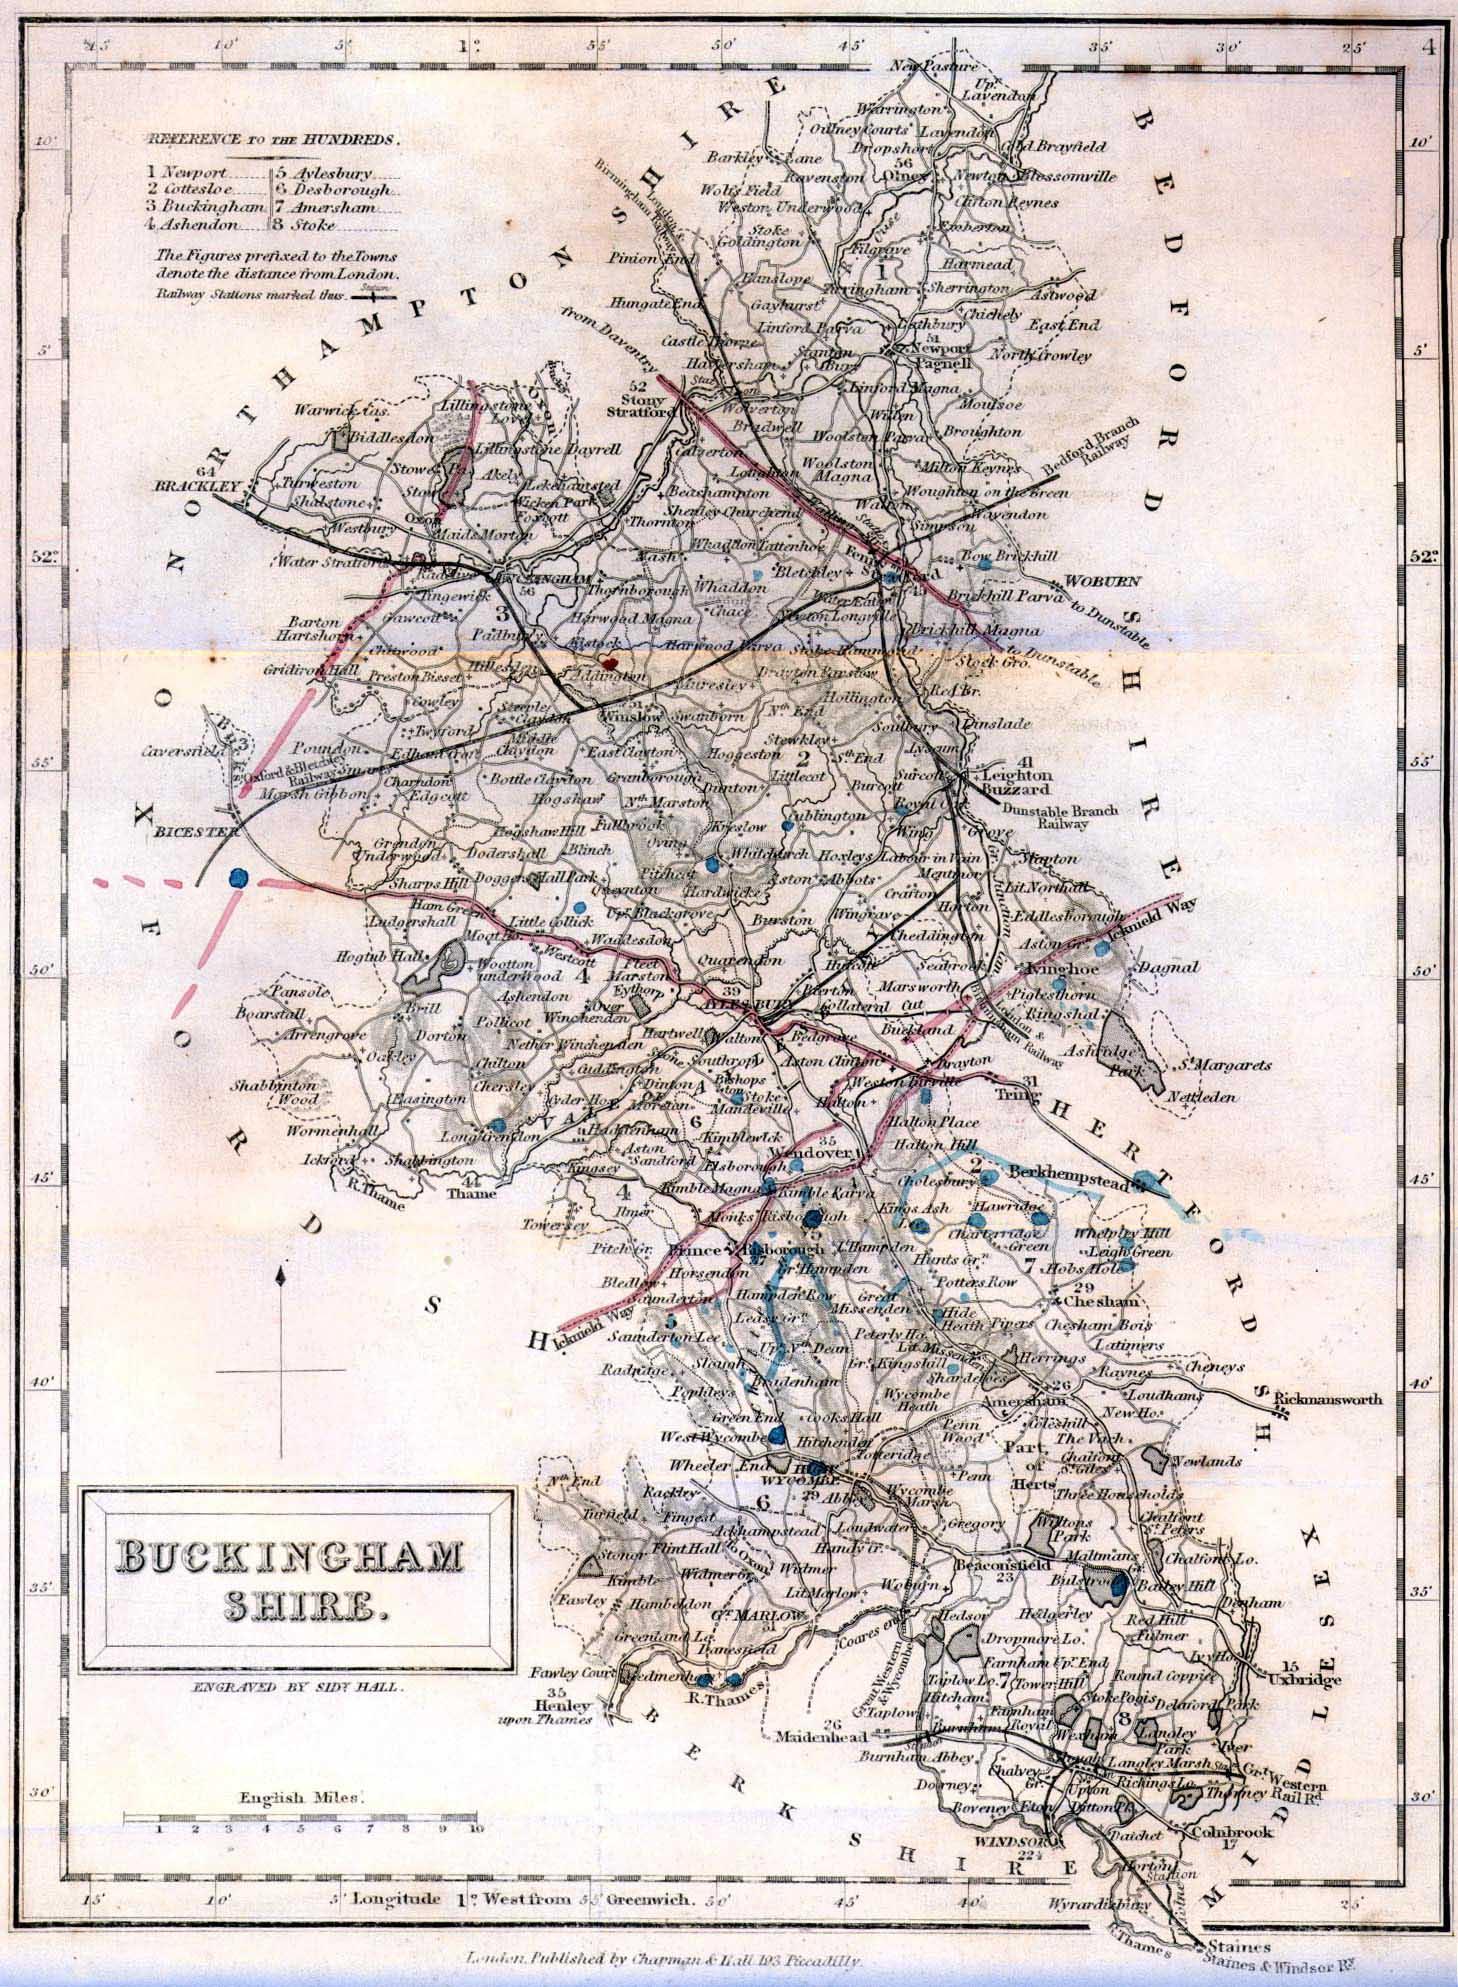 1858 Map of Buckinghamshire